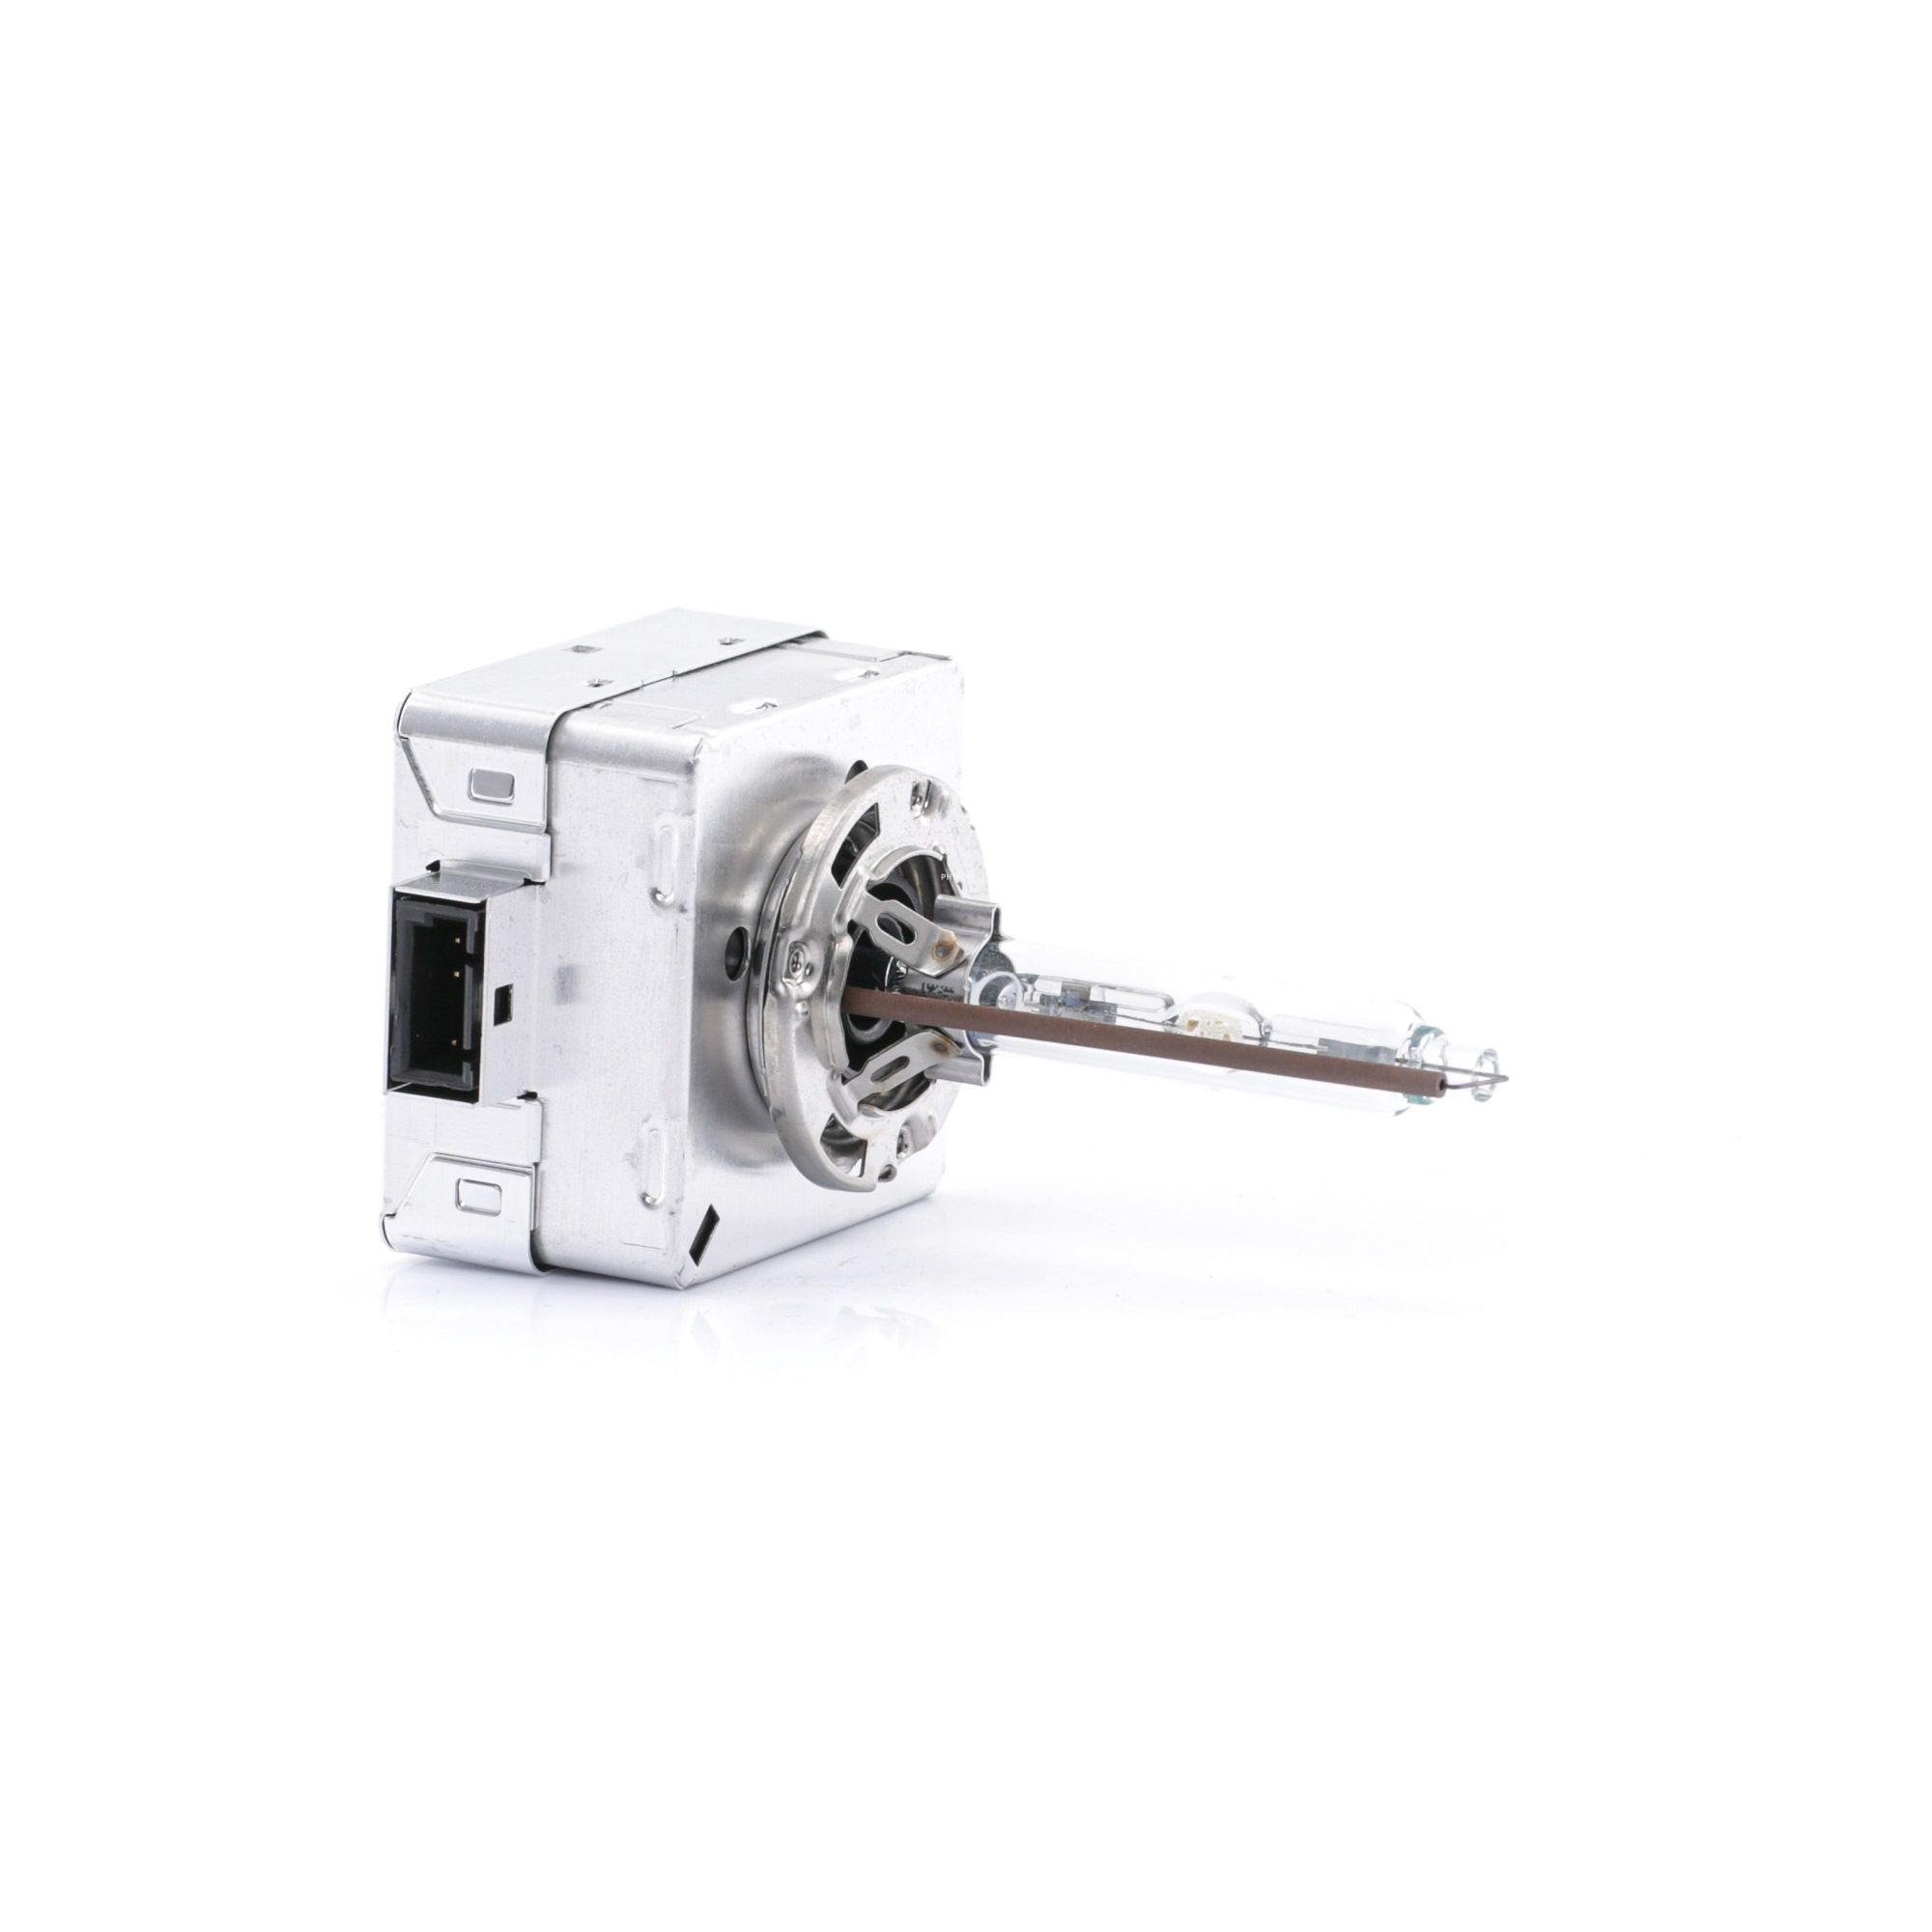 Glühlampe, Fernscheinwerfer 42403VIS1 bei Auto-doc.ch günstig kaufen